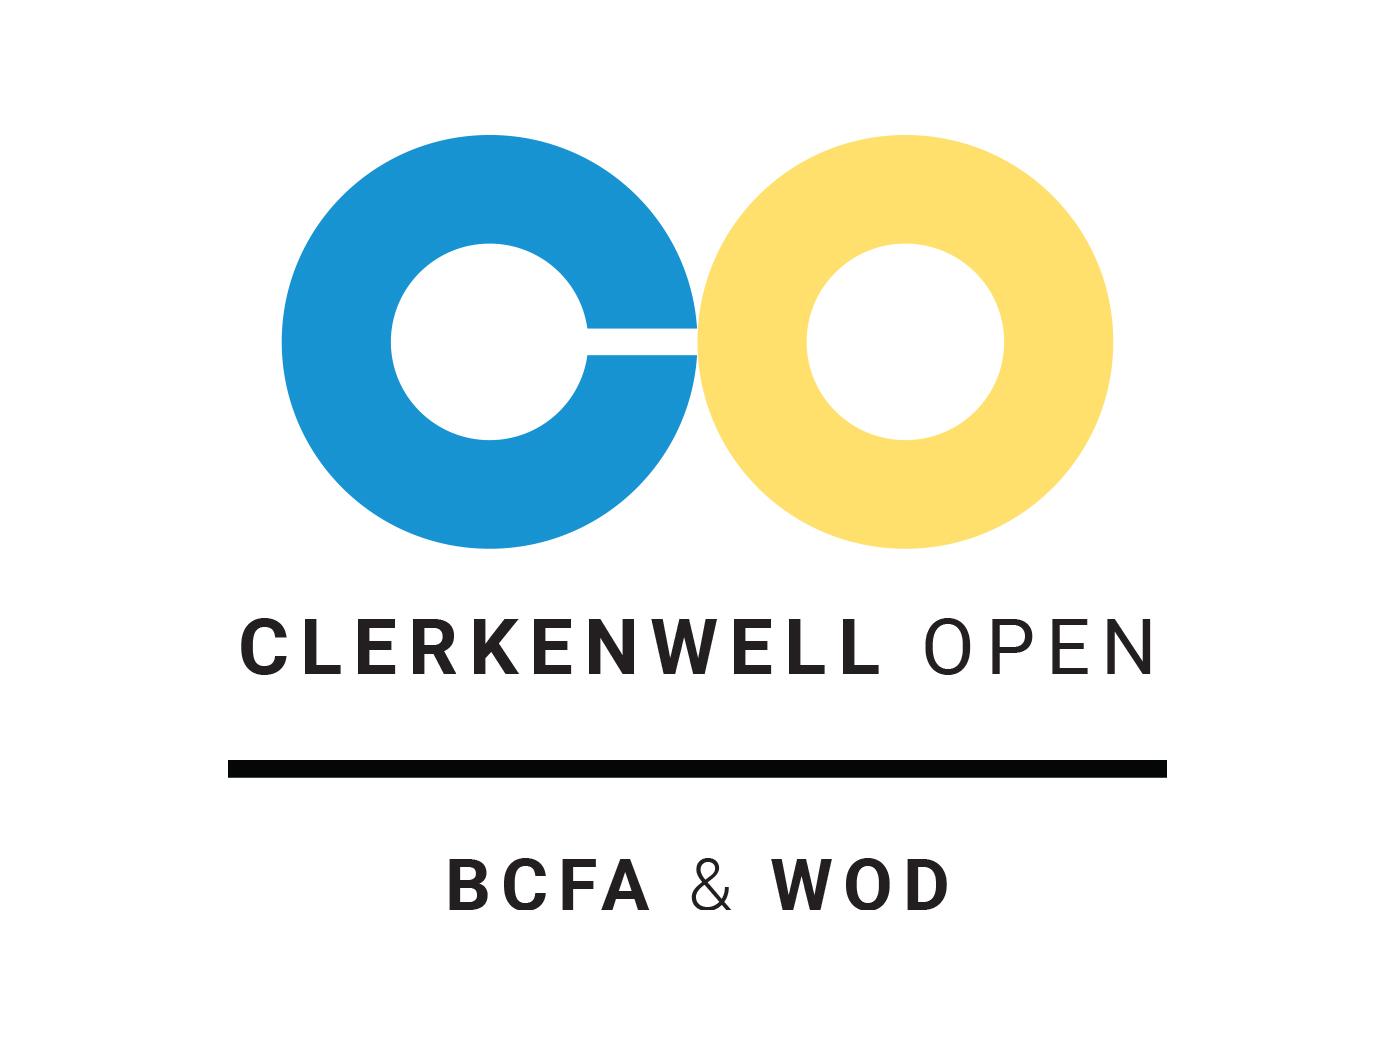 BCFA dan WOD mempersembahkan Clerkenwell OPEN